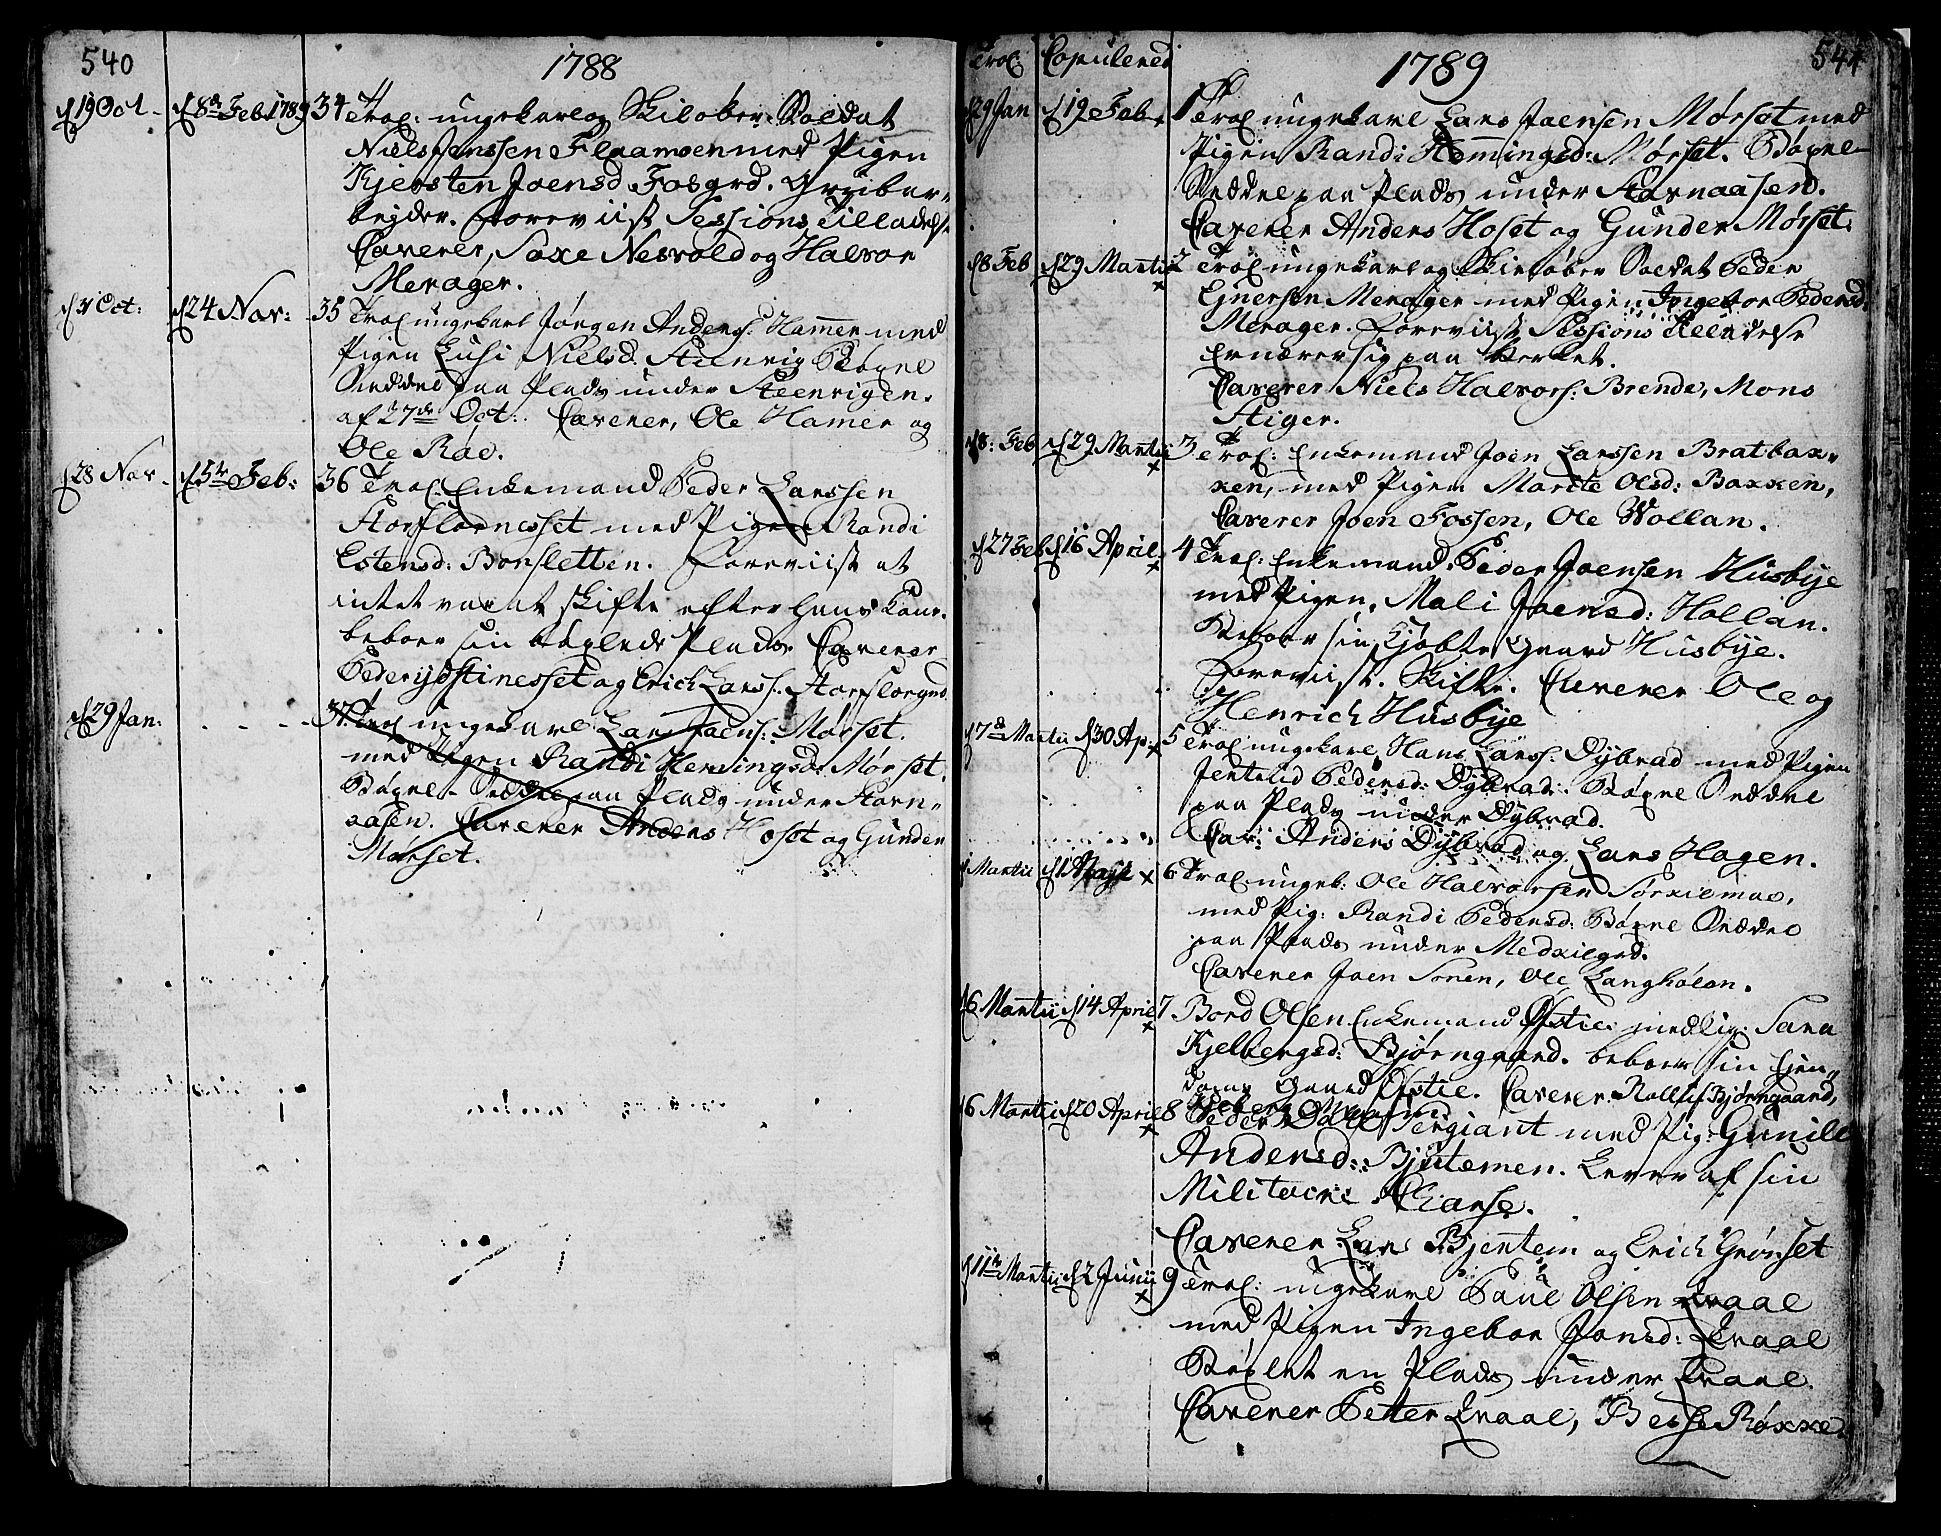 SAT, Ministerialprotokoller, klokkerbøker og fødselsregistre - Nord-Trøndelag, 709/L0059: Ministerialbok nr. 709A06, 1781-1797, s. 540-541